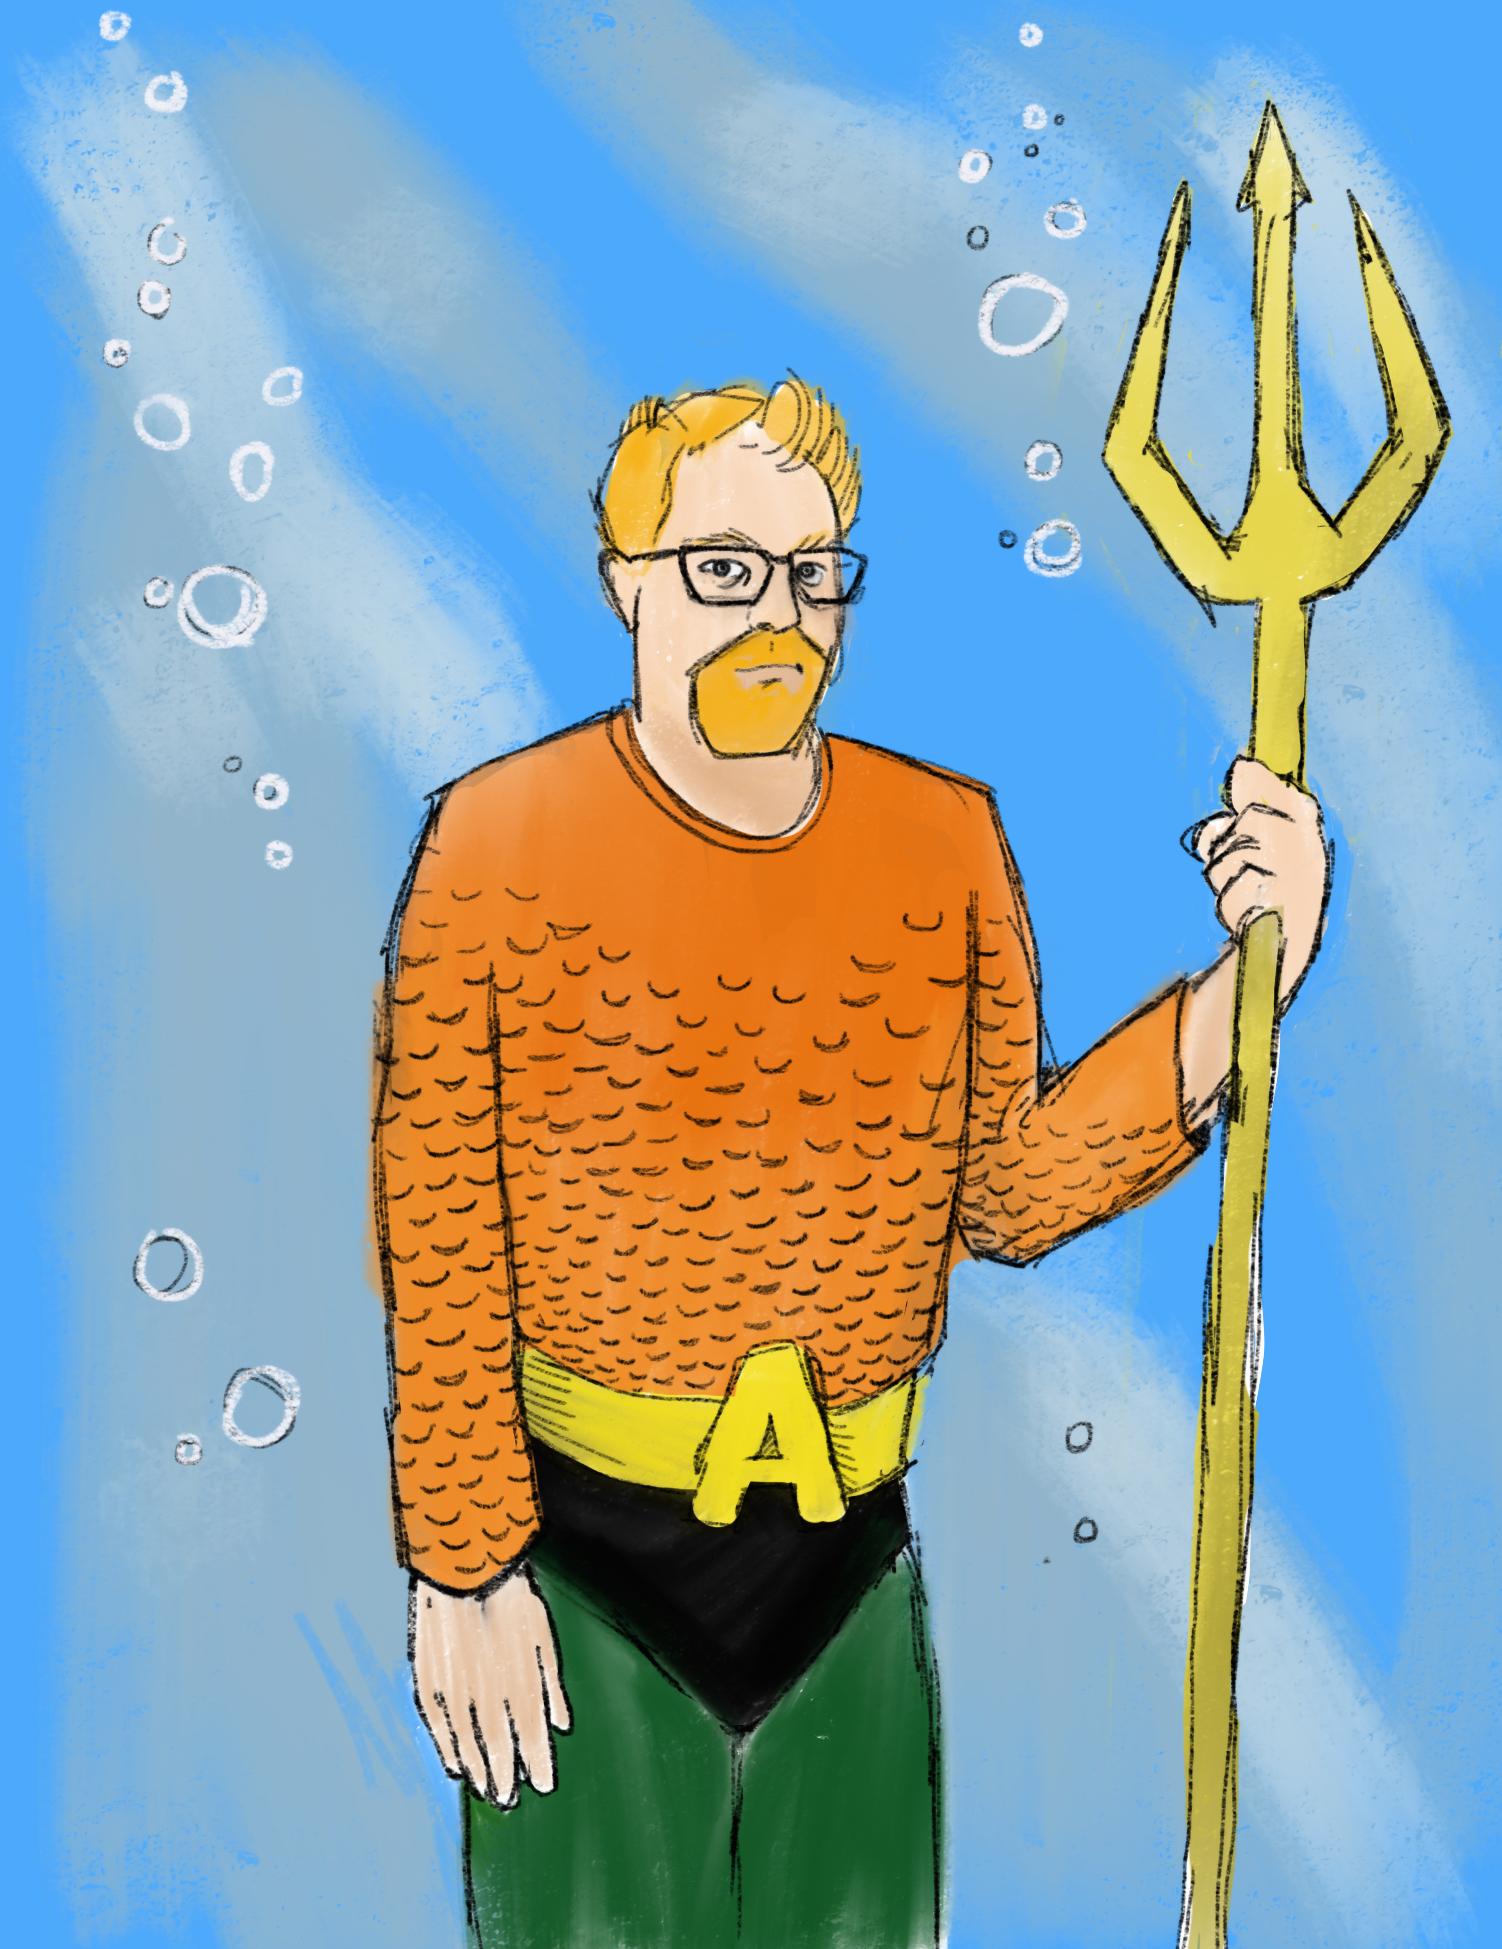 Todd Petersen as Aquaman